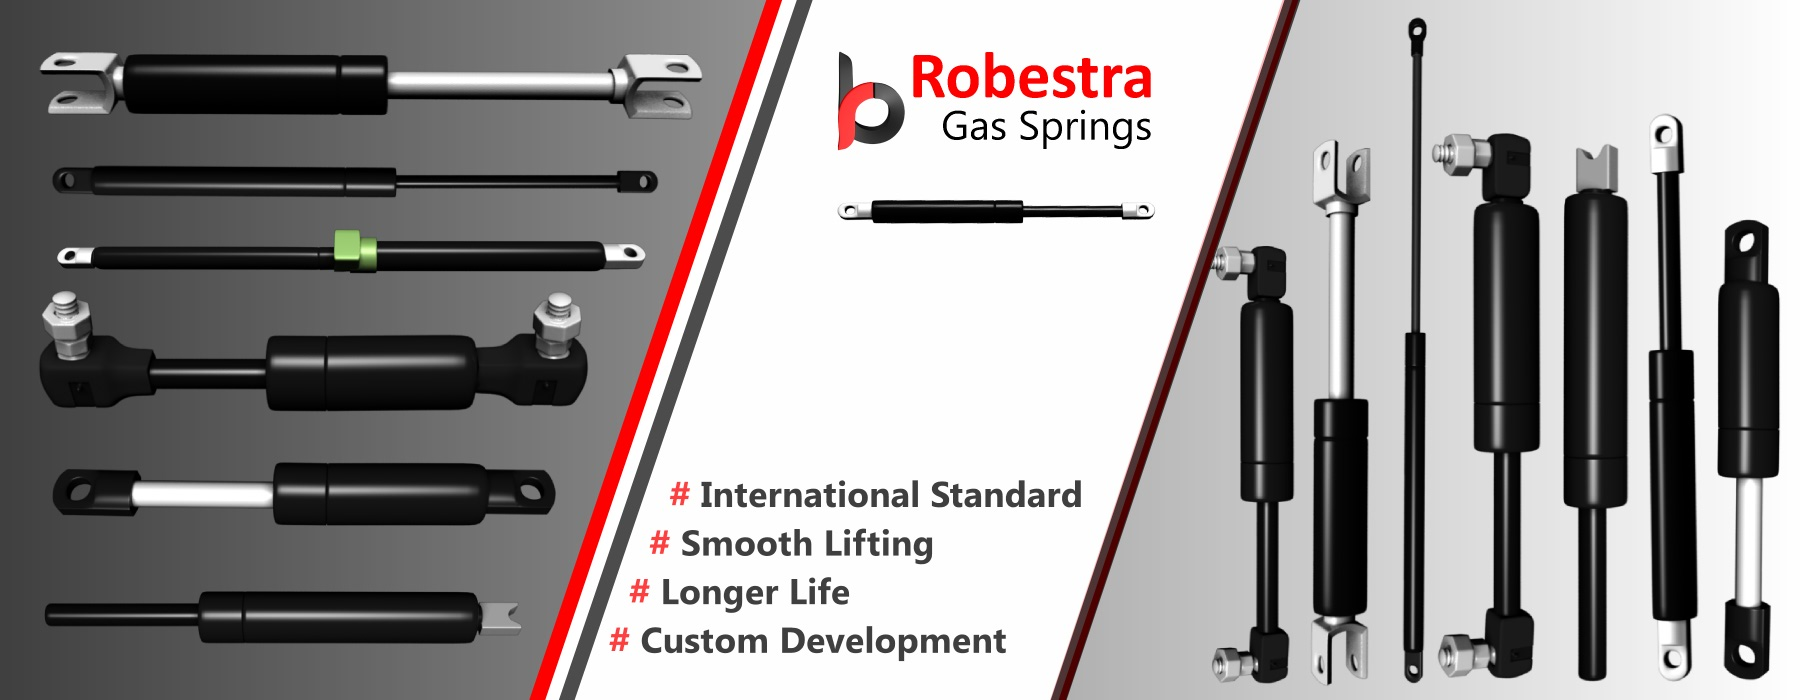 gas_springs_robestra